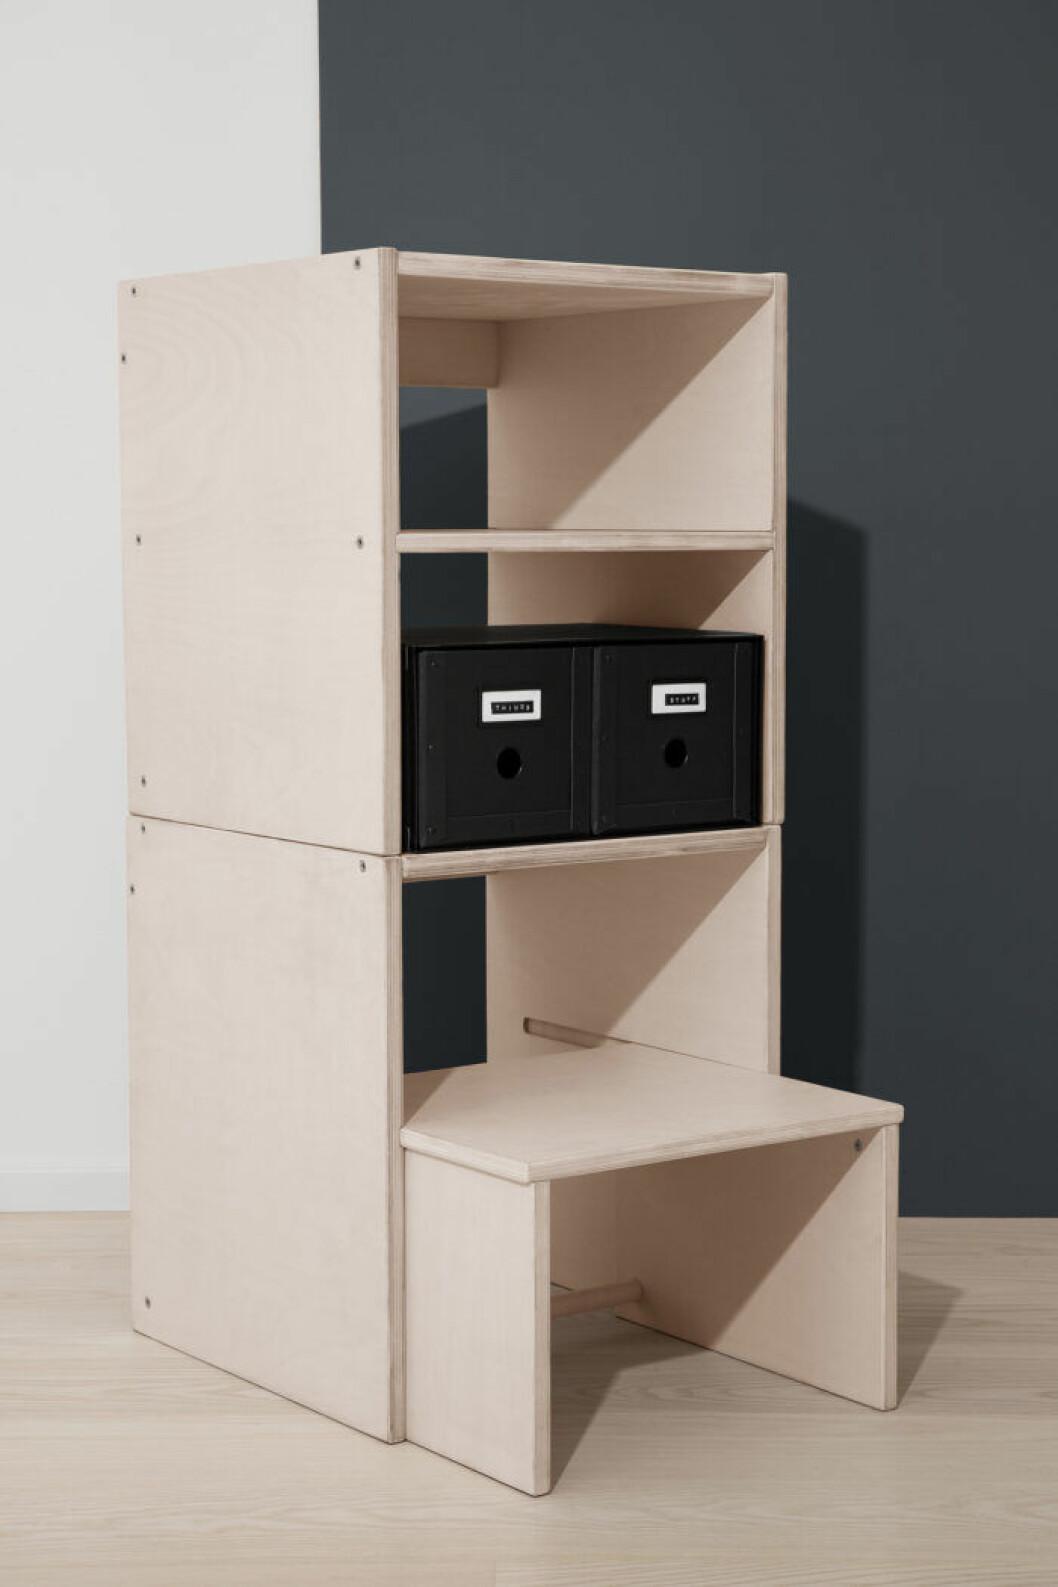 Granits nya möbler är moduler som kan kombineras efter dina behov